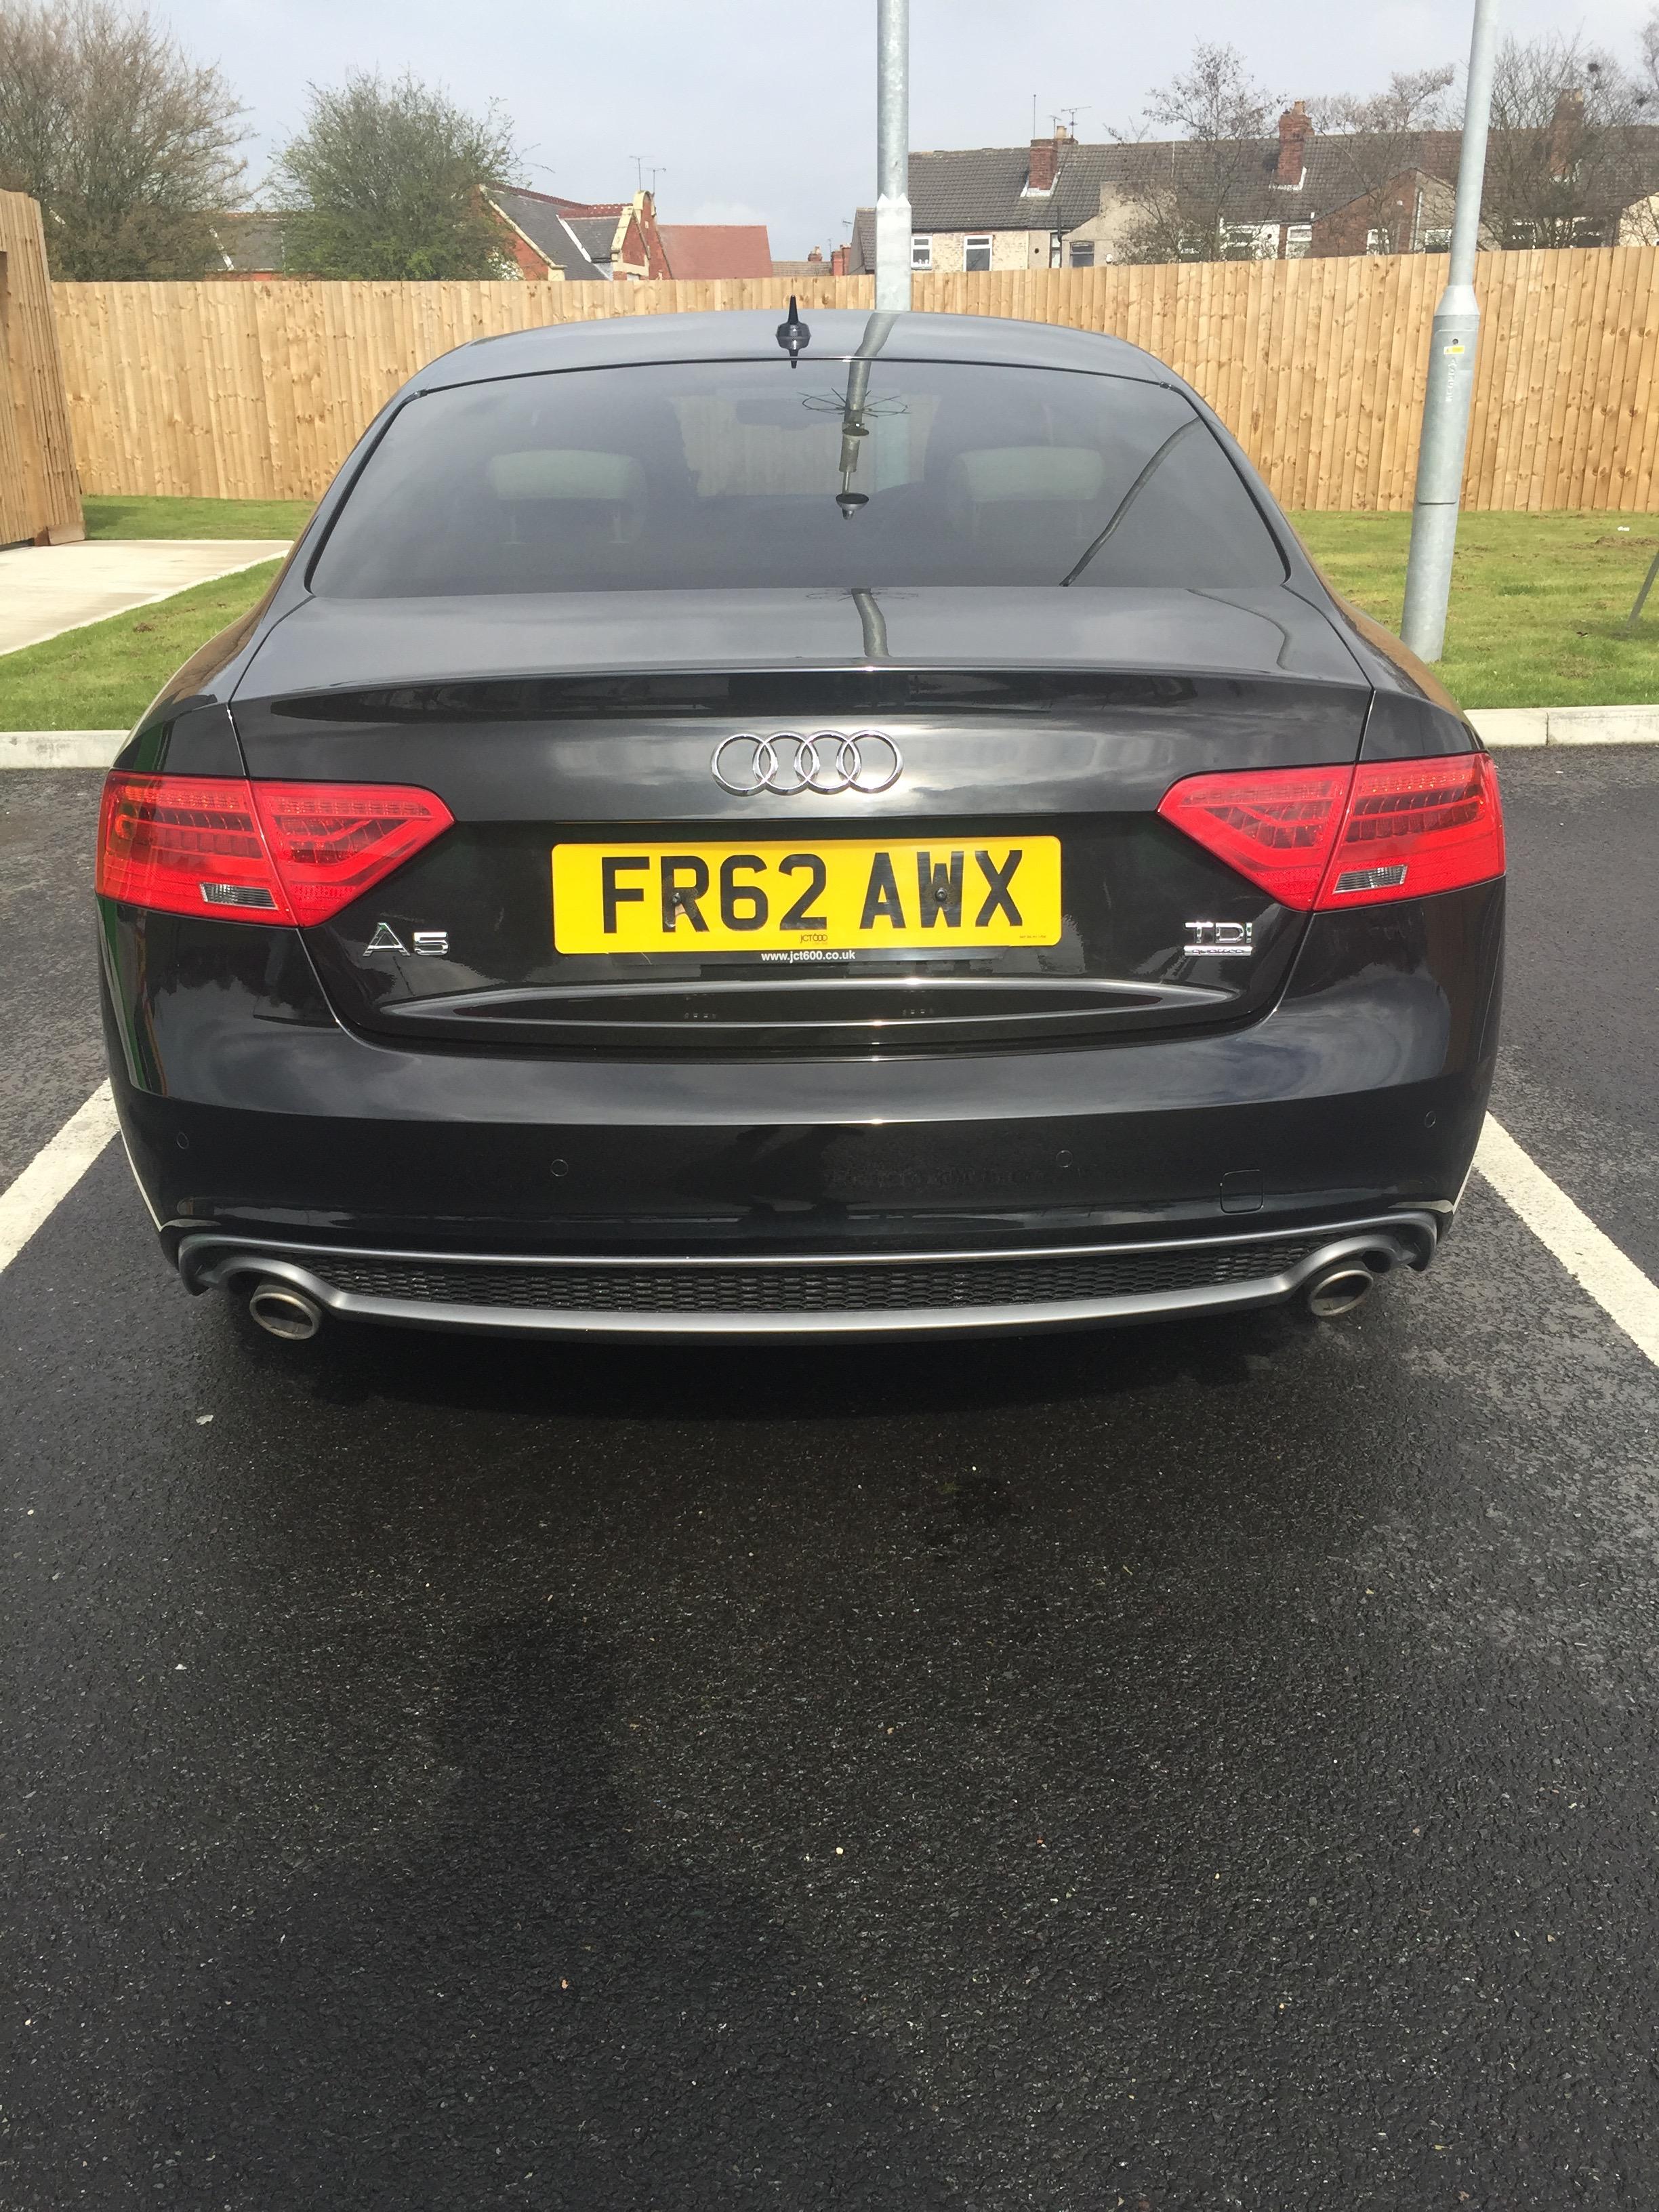 Kelebihan Kekurangan Audi A5 3.0 Harga